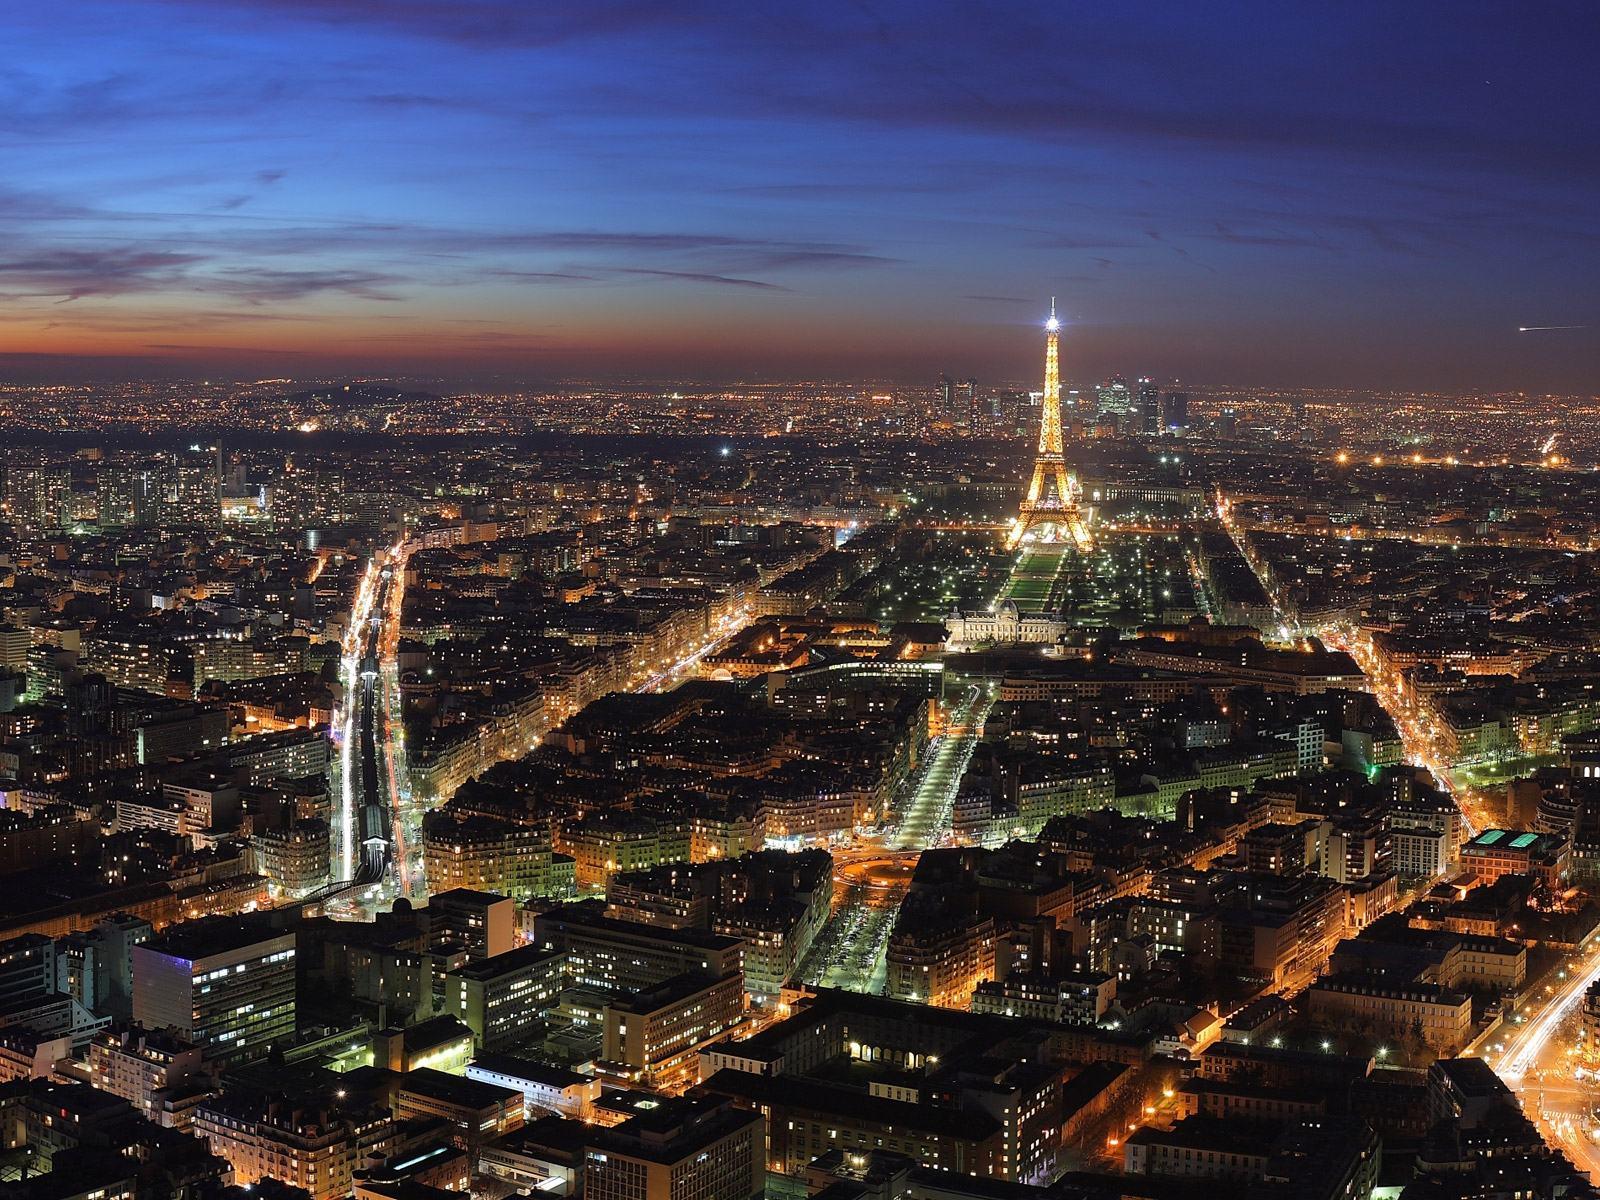 Ֆրանսիայի տեսարժան վայրերը թռչնի թռիչքի բարձրությունից